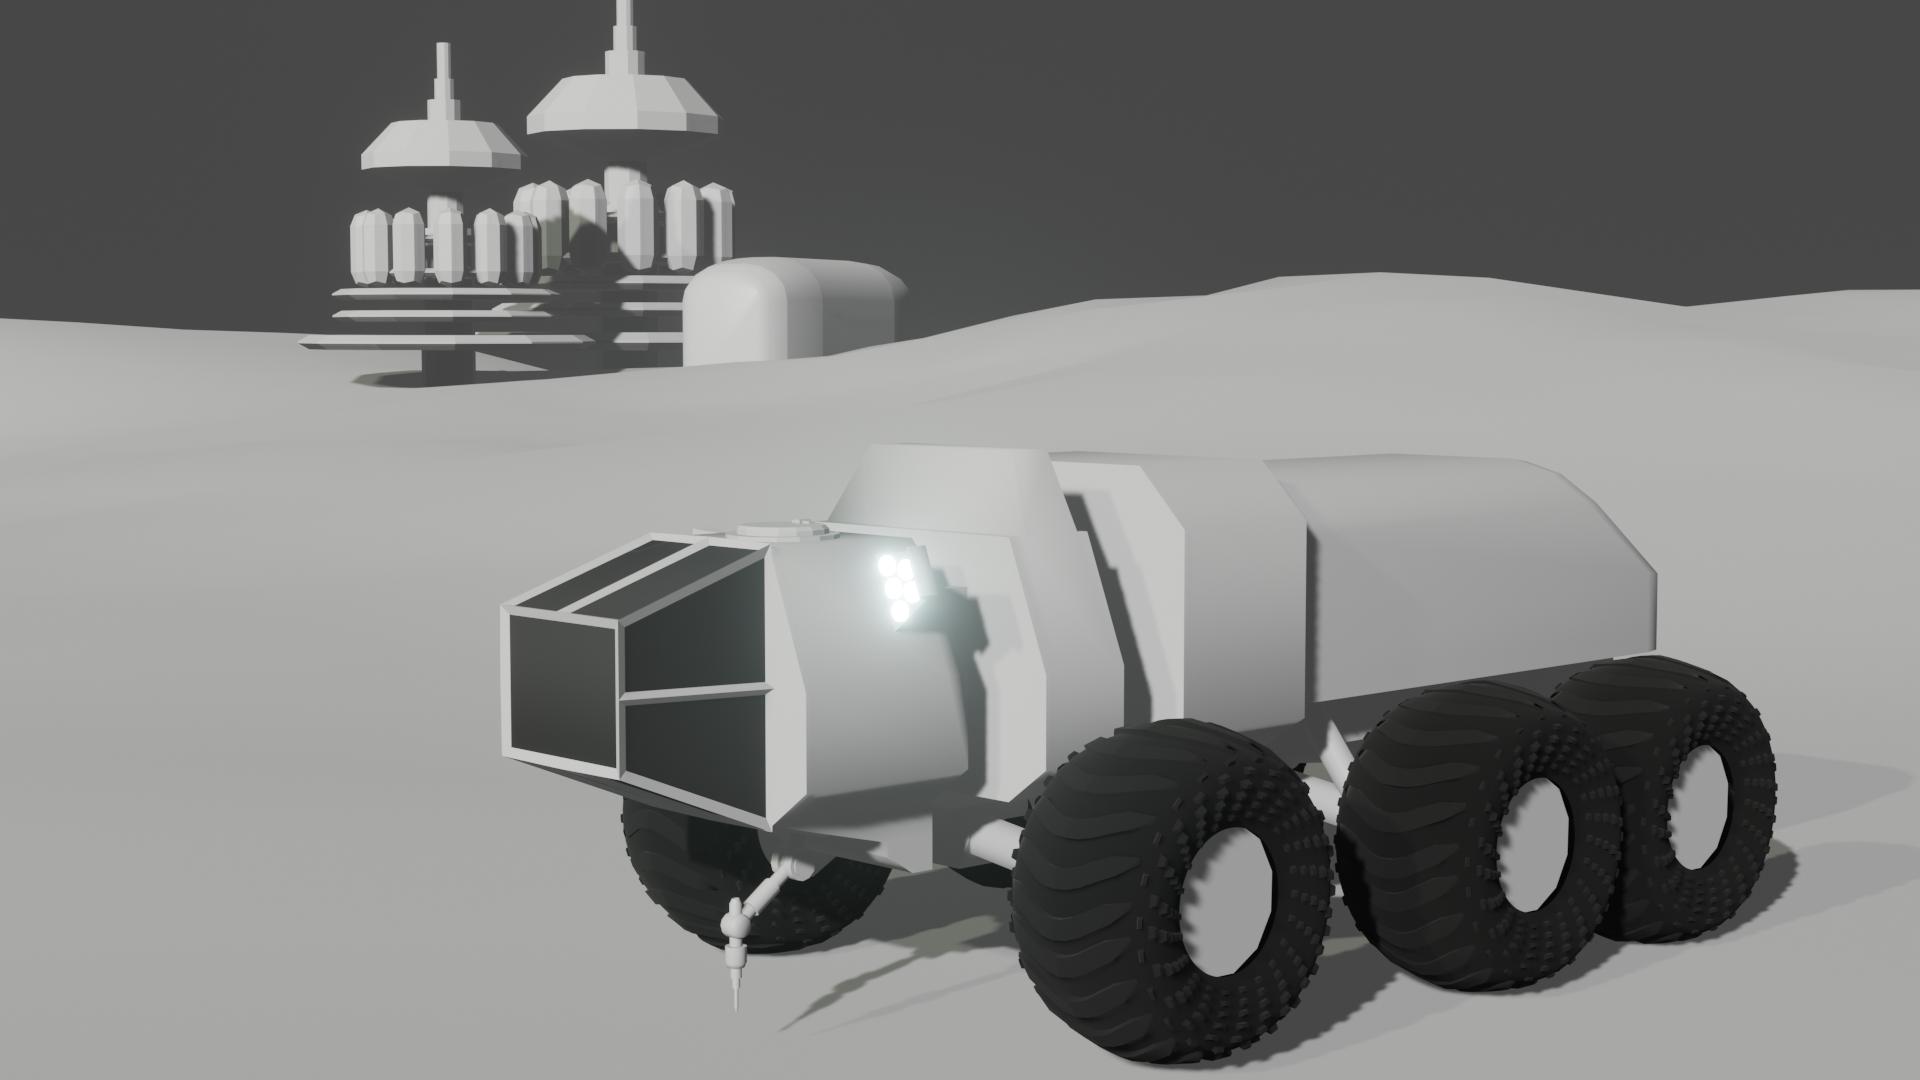 SpaceRover Challenge